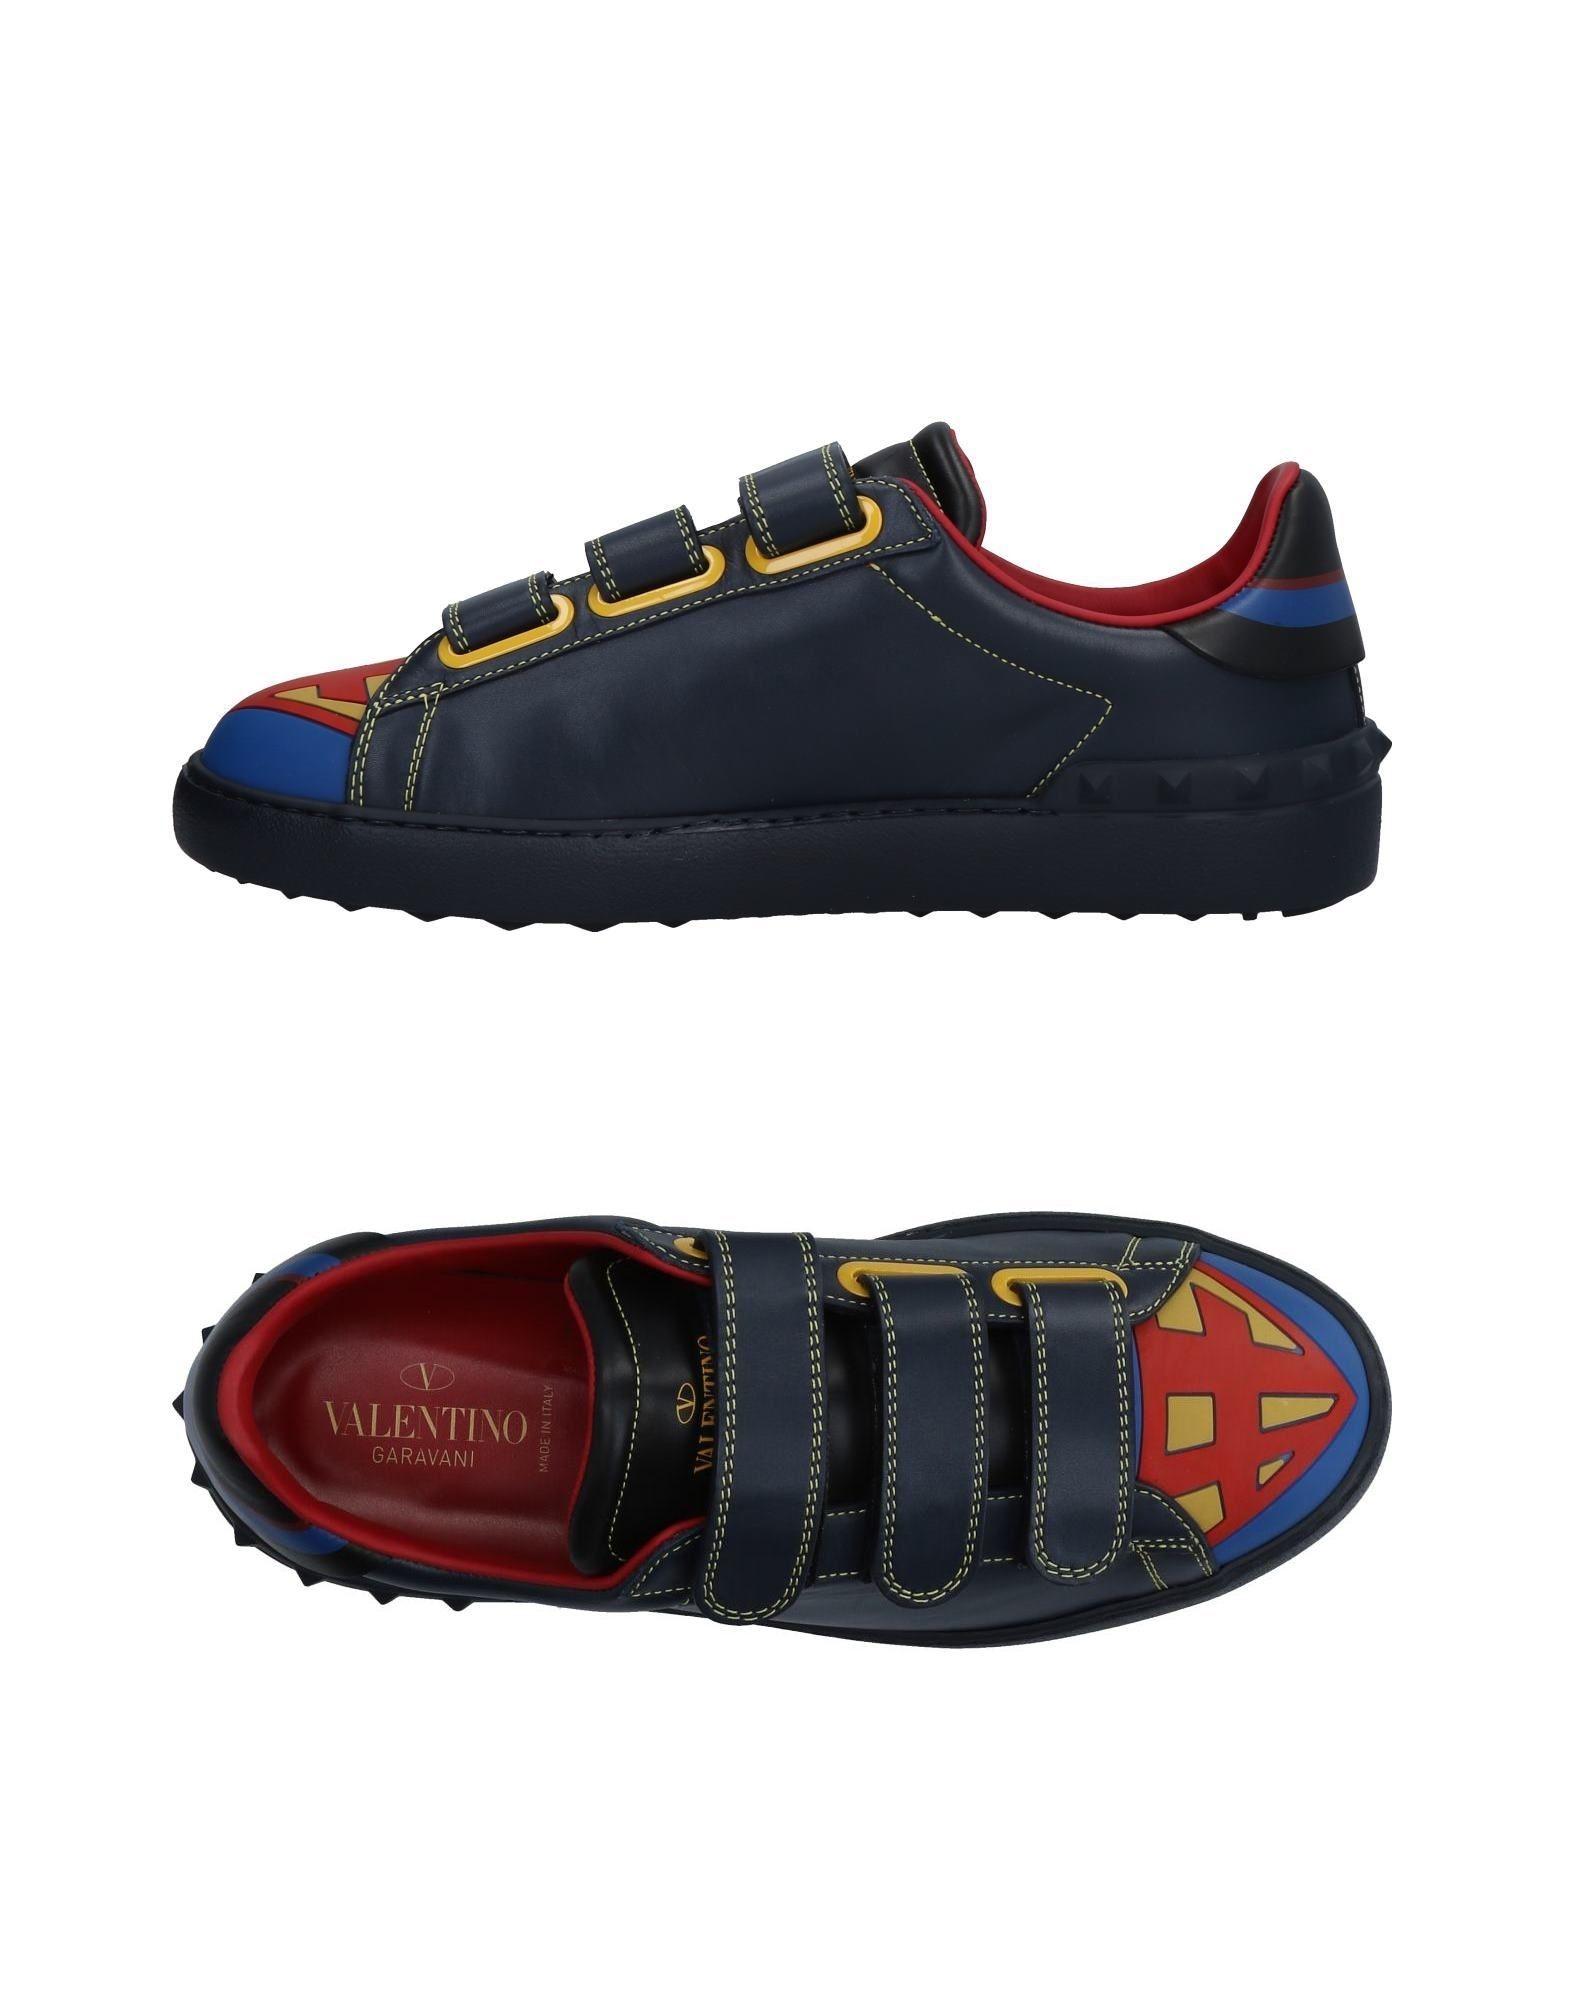 Valentino Garavani Sneakers Herren  11474361AX Gute Qualität beliebte Schuhe